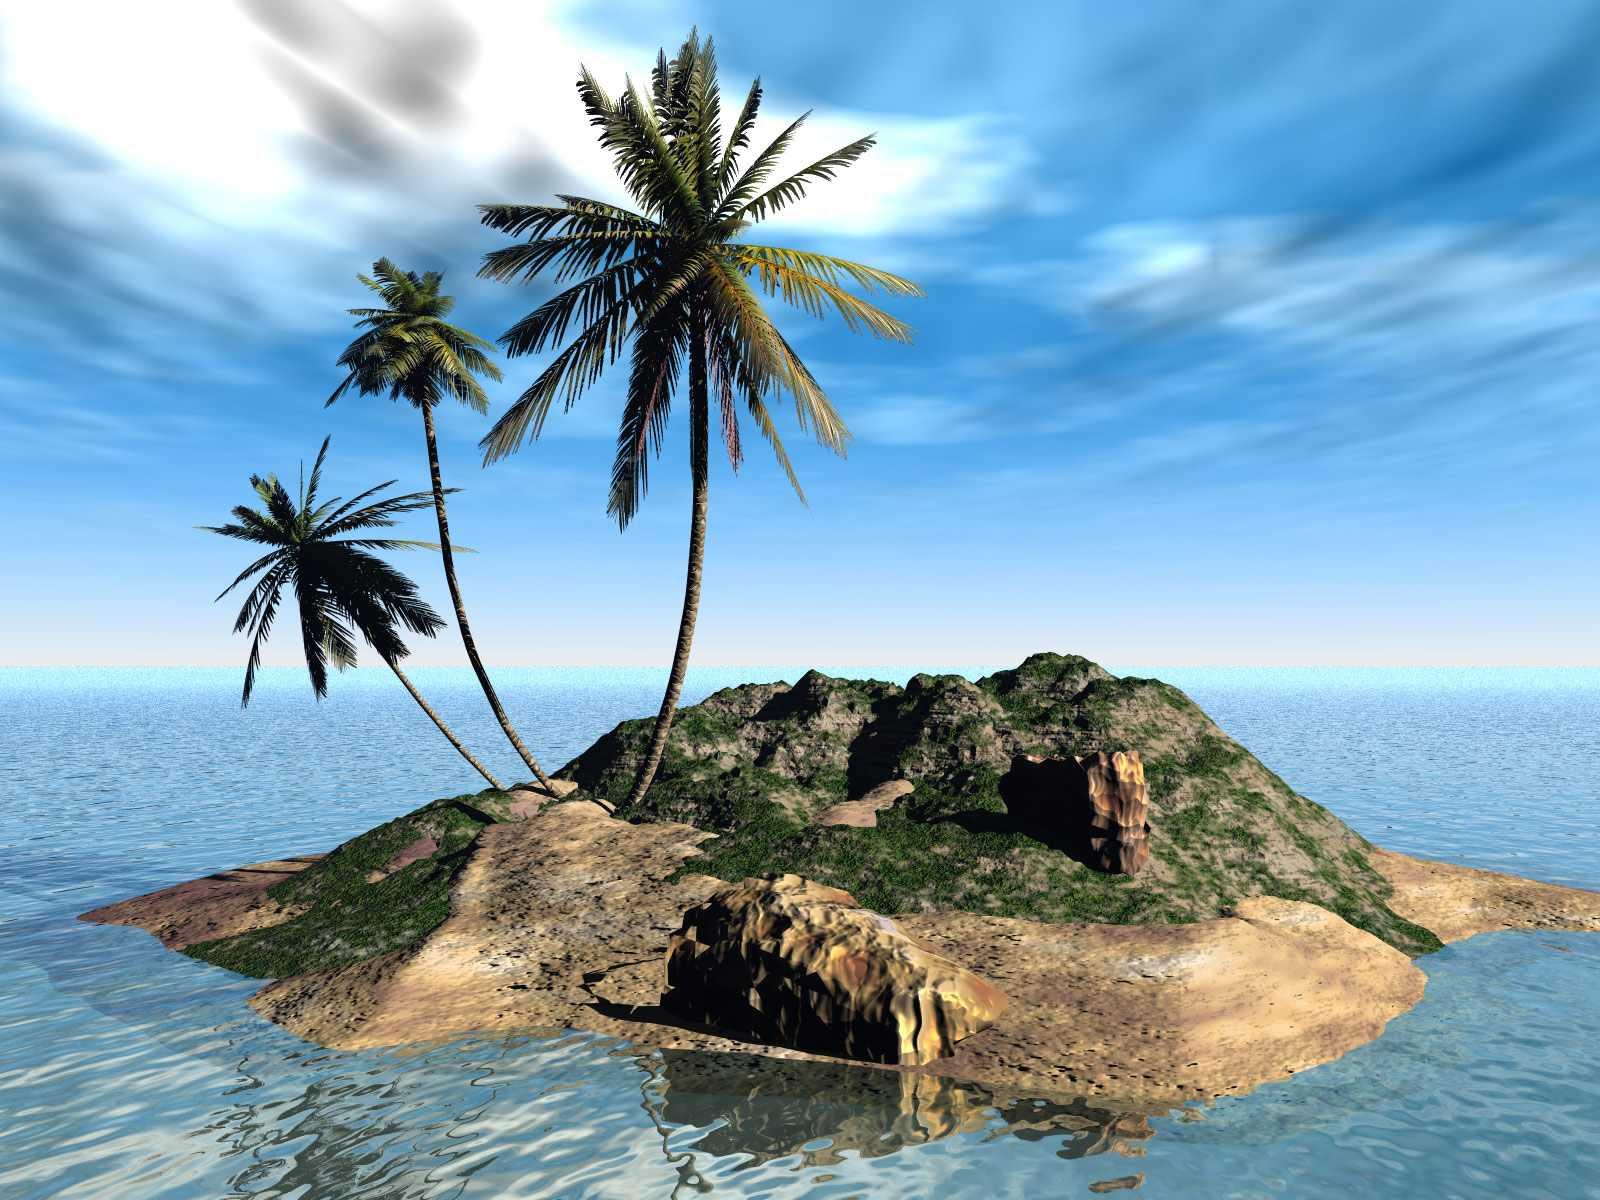 Papel-de-parede-3D-Ilha-1 – Só Papel de Parede Grátis